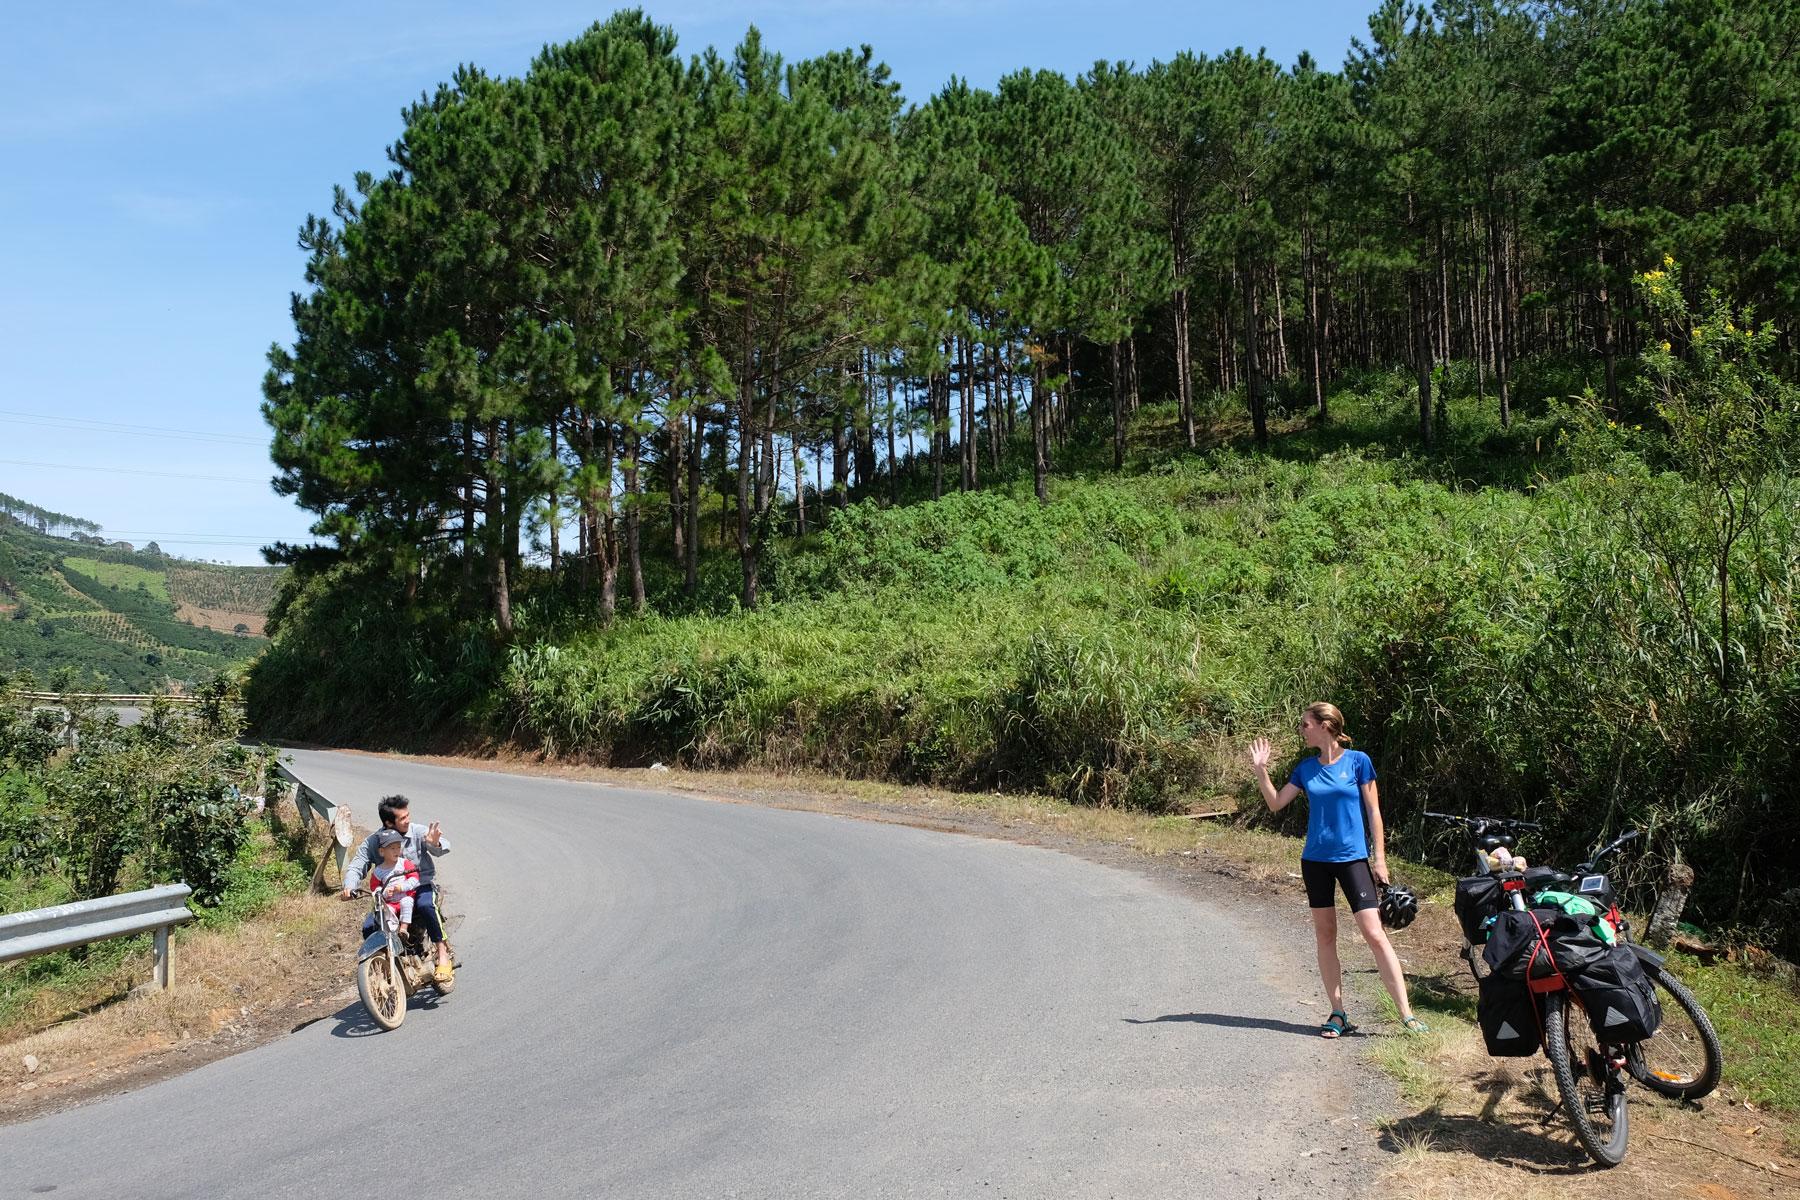 Leo steht auf der Straße, ein Mann fährt mit seinem Sohn auf dem Motorrad vorbei und winkt.